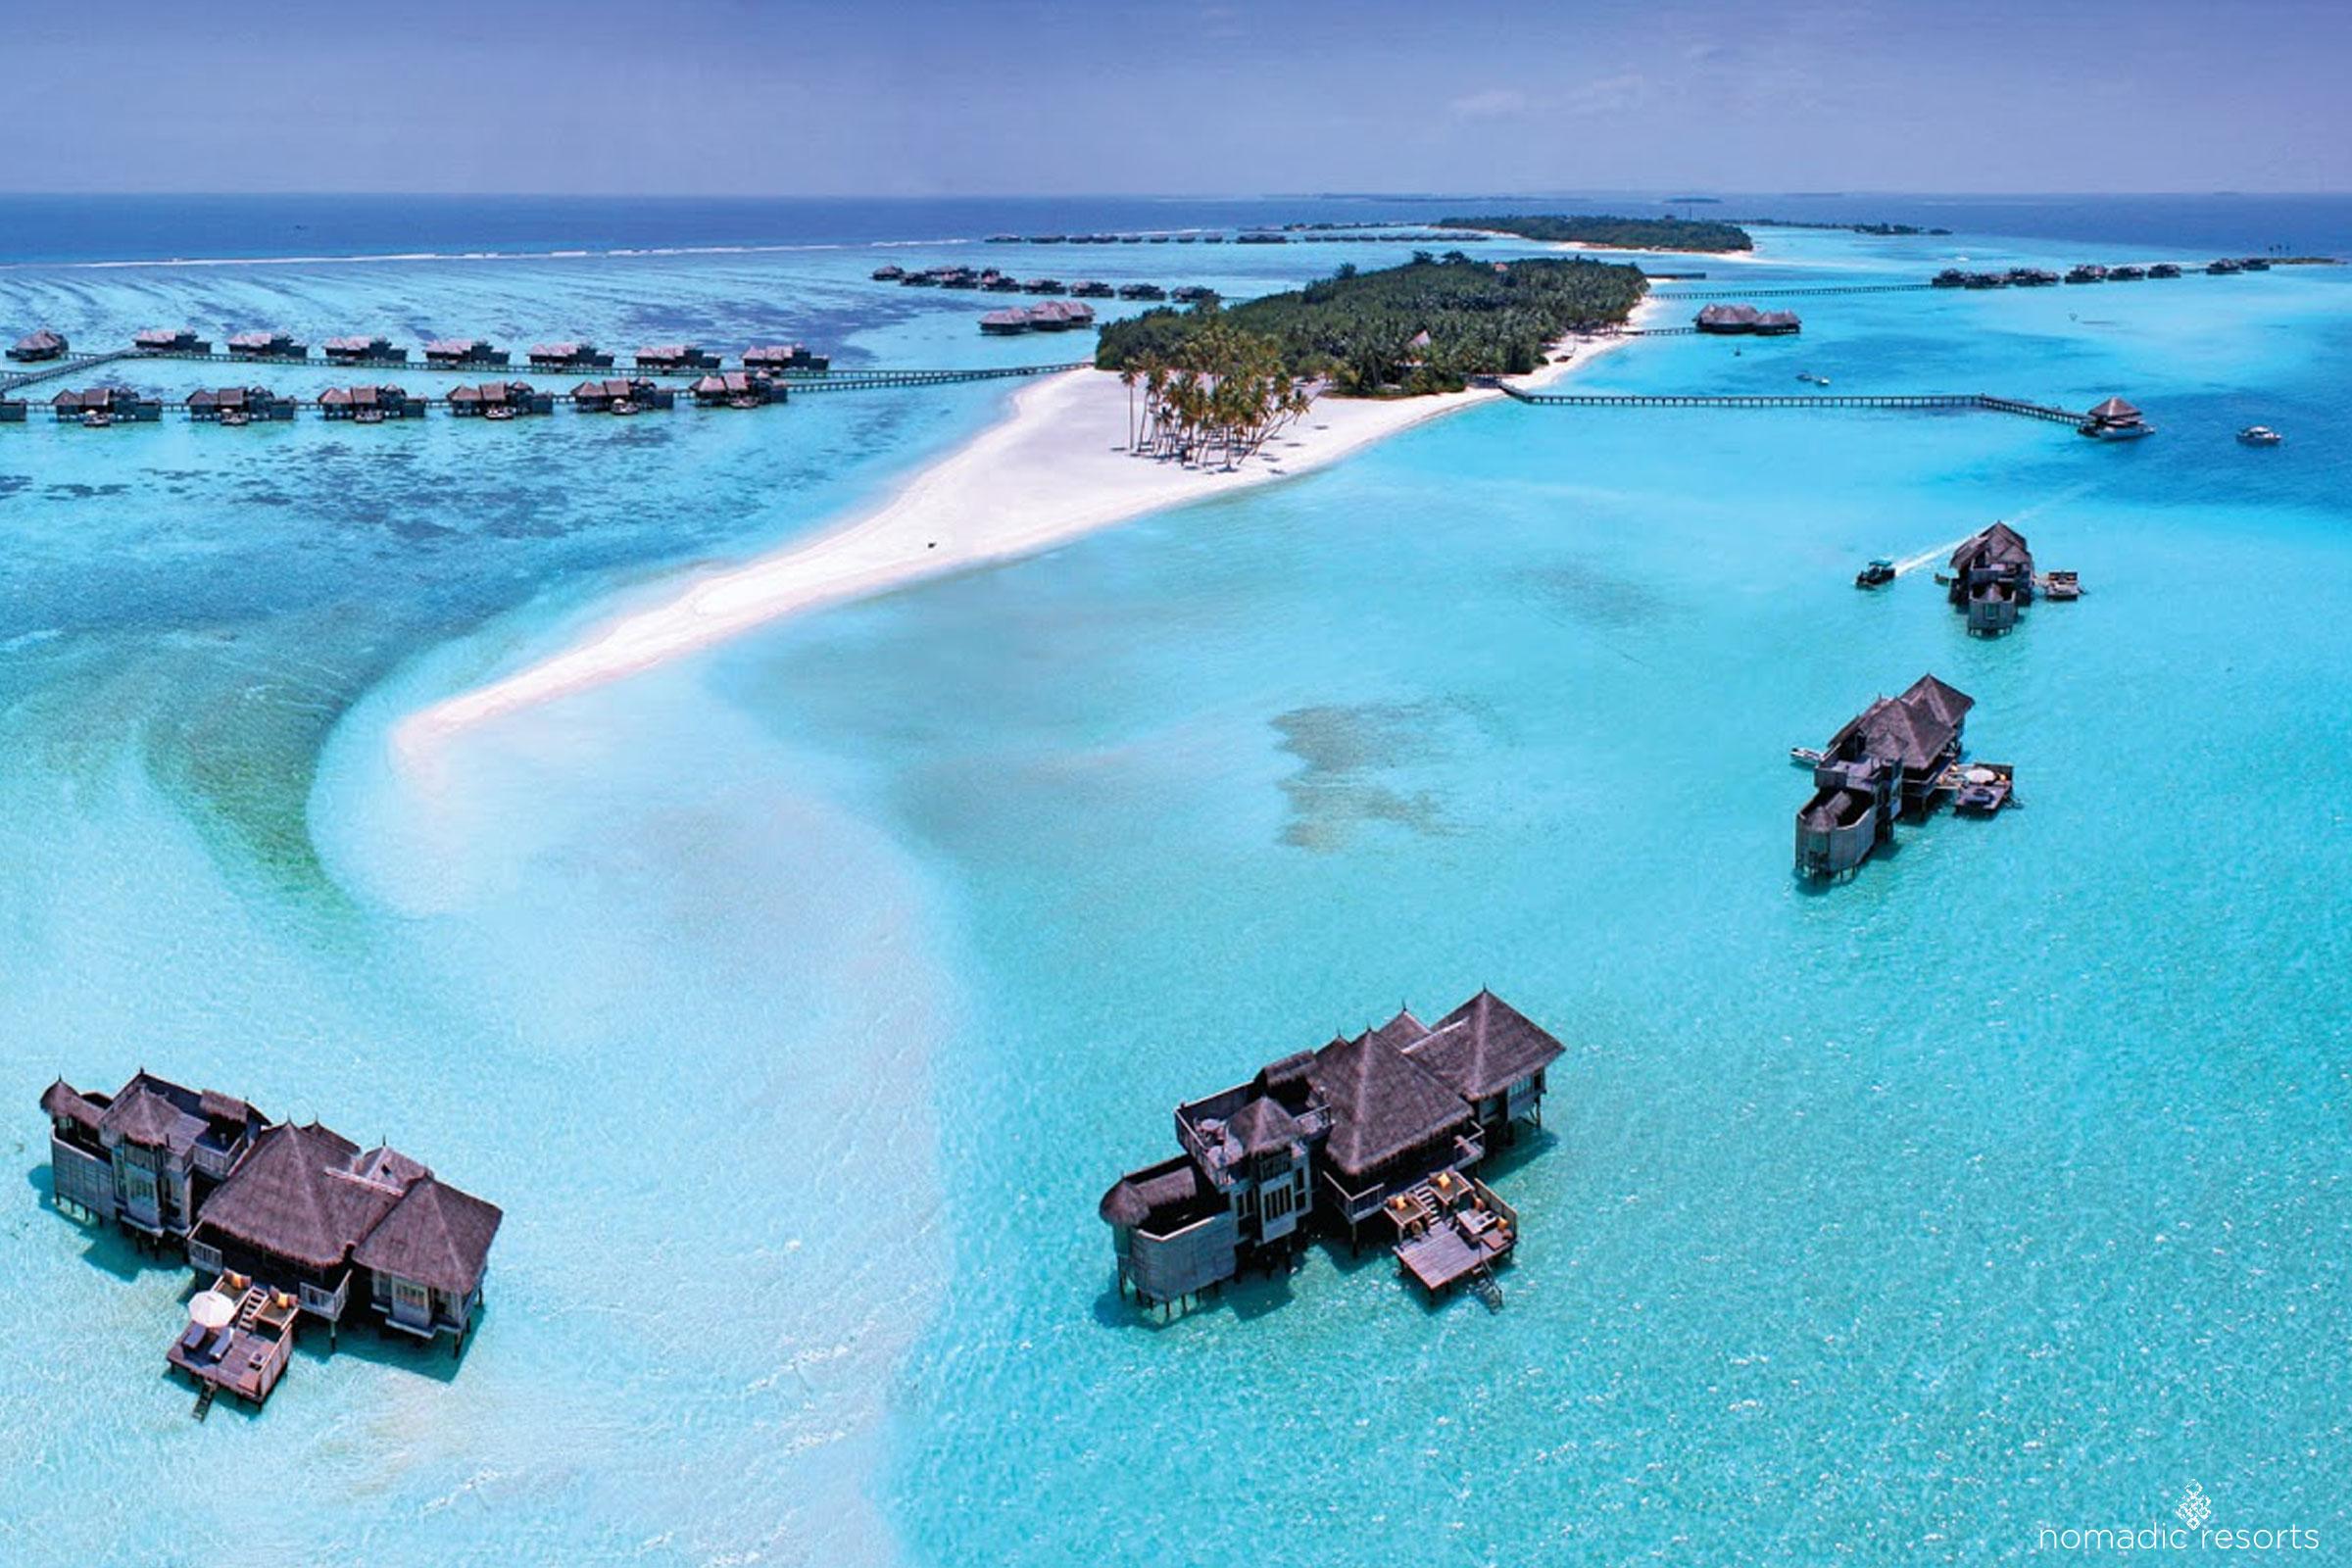 Nomadic Resorts| Nomadic Resorts